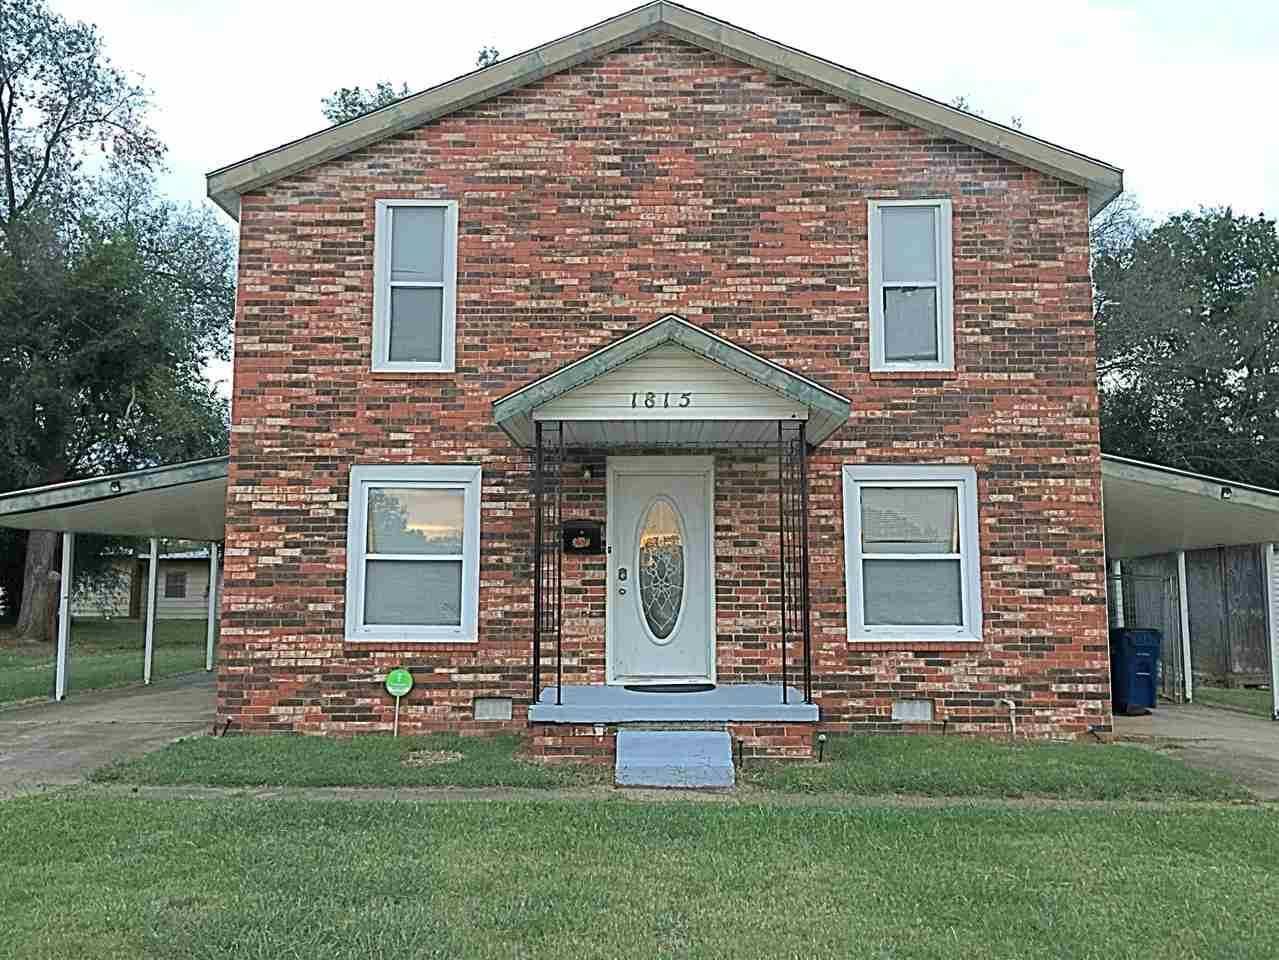 1815 S Fern Street, Stillwater, OK 74074